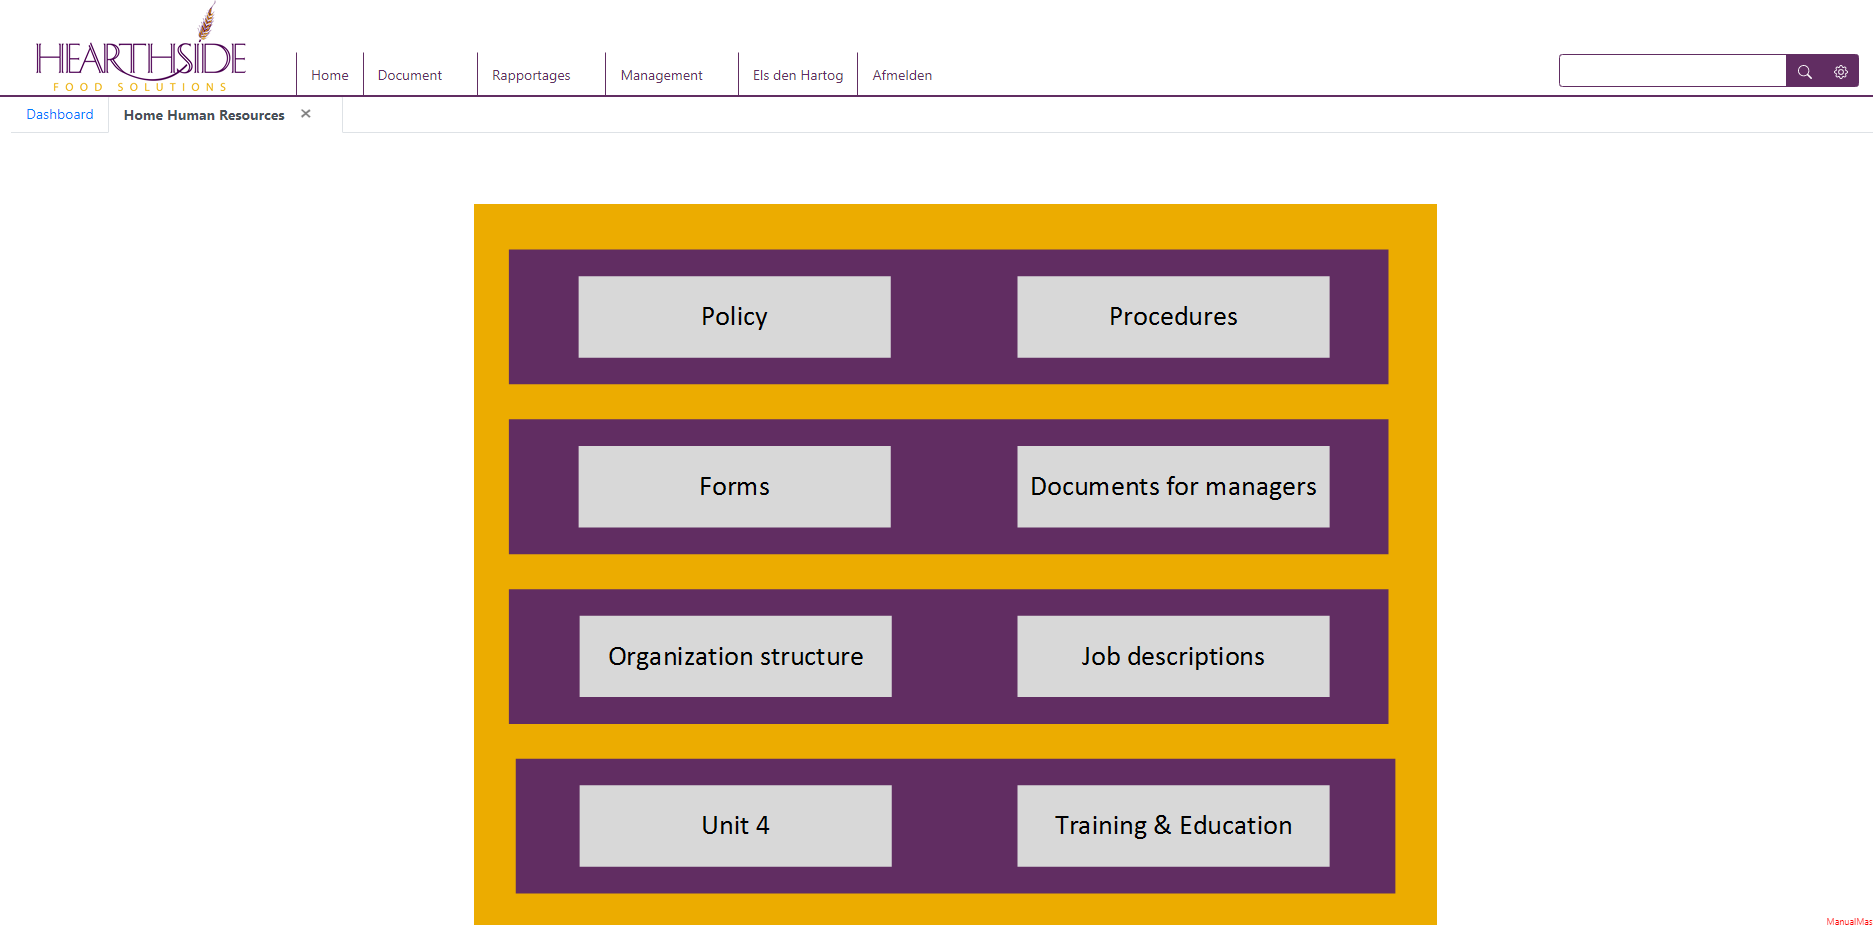 Heartside homepage van de HR afdeling.